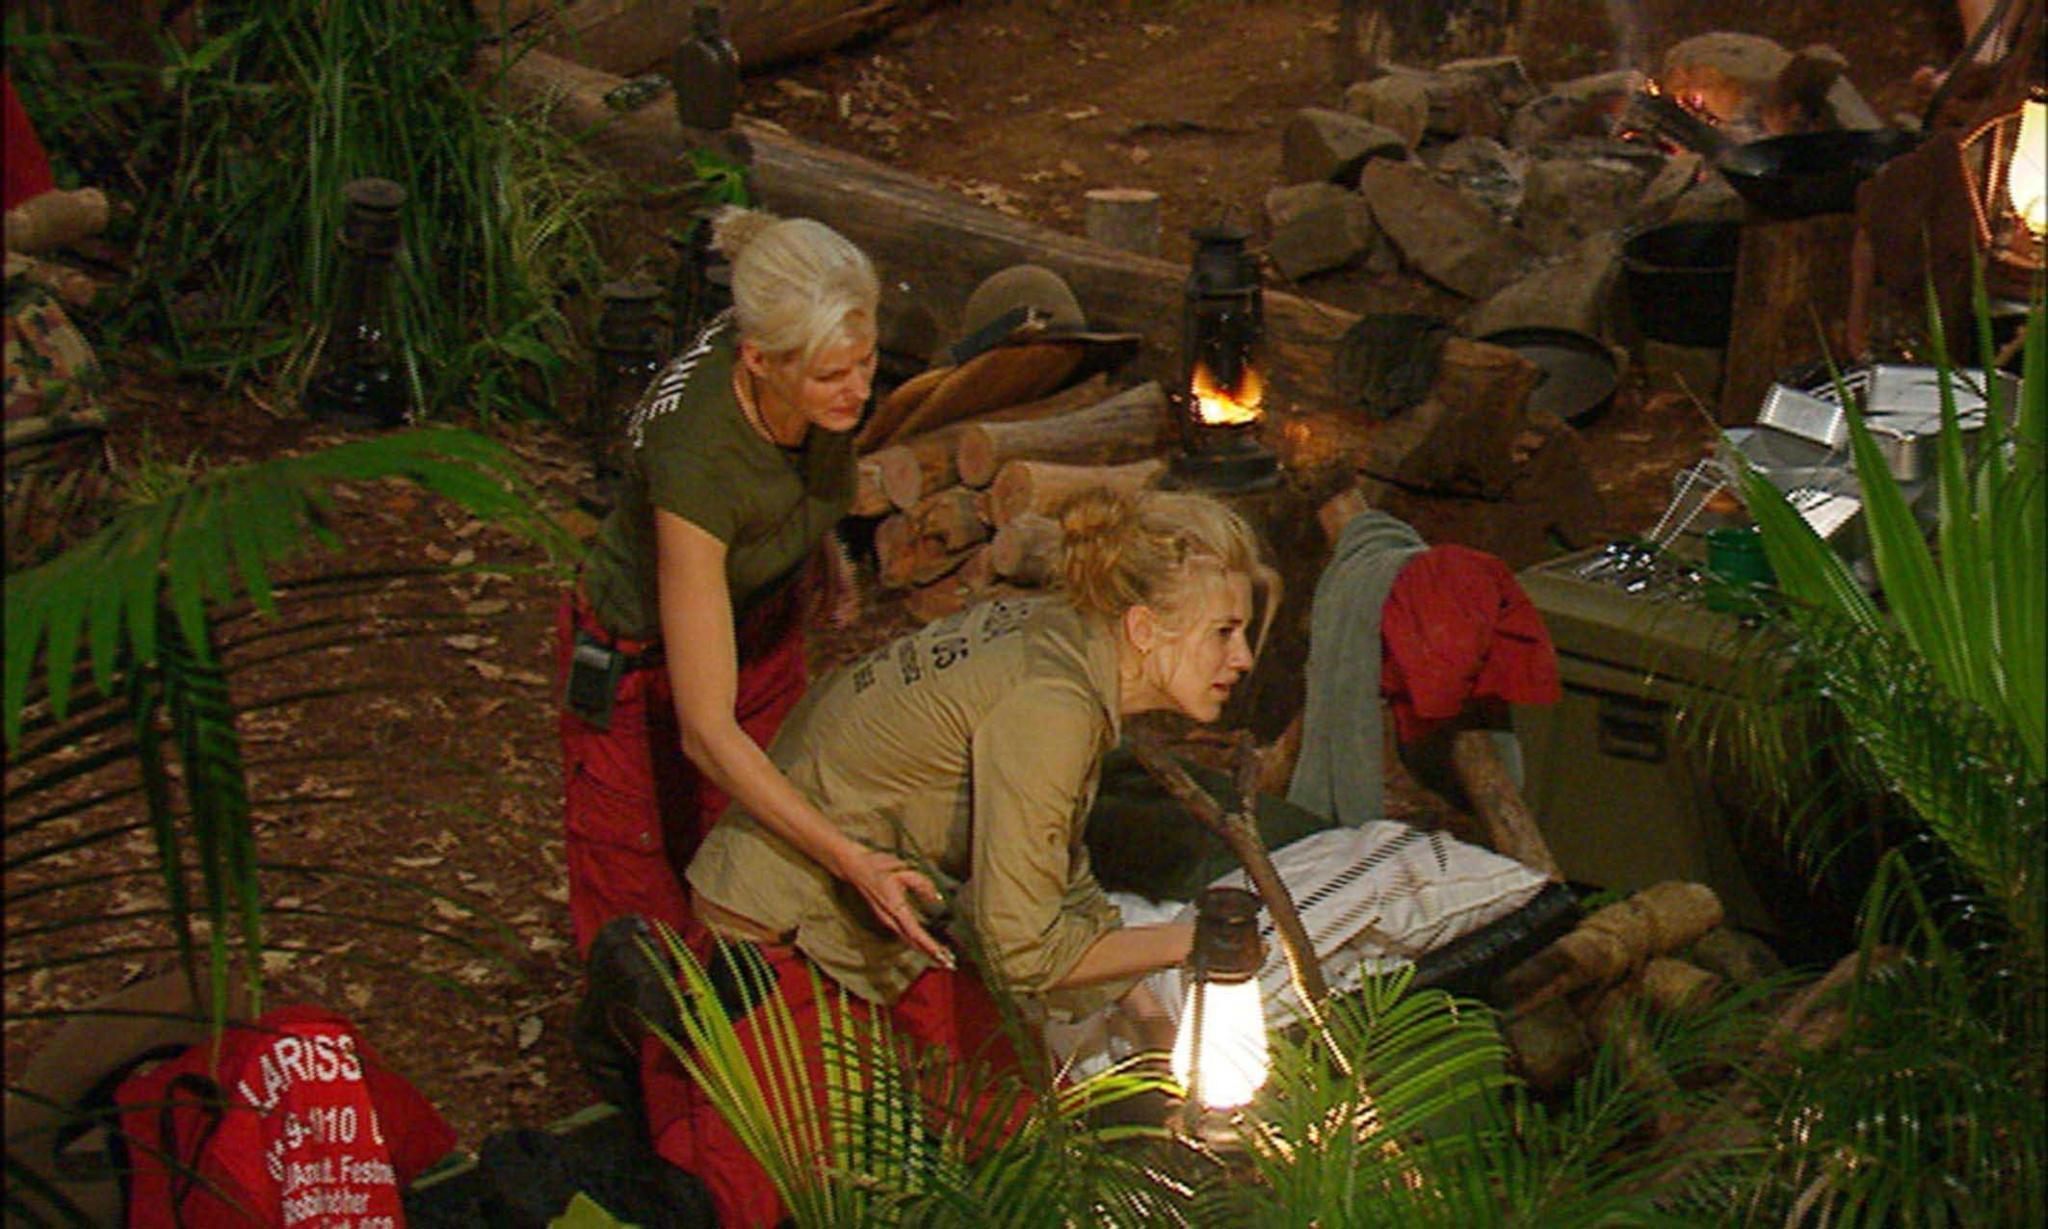 """Tag 3  Larissa Marolt schnappt sich den Feuerhaken und versucht Spinnen zu vertreiben. Melanie versucht ihr den Haken abzunehmen. Alle Infos zu """"Ich bin ein Star - Holt mich hier raus!"""" im Special bei RTL.de: http://www.rtl.de/cms/sendungen/ich-bin-ein-star.html"""